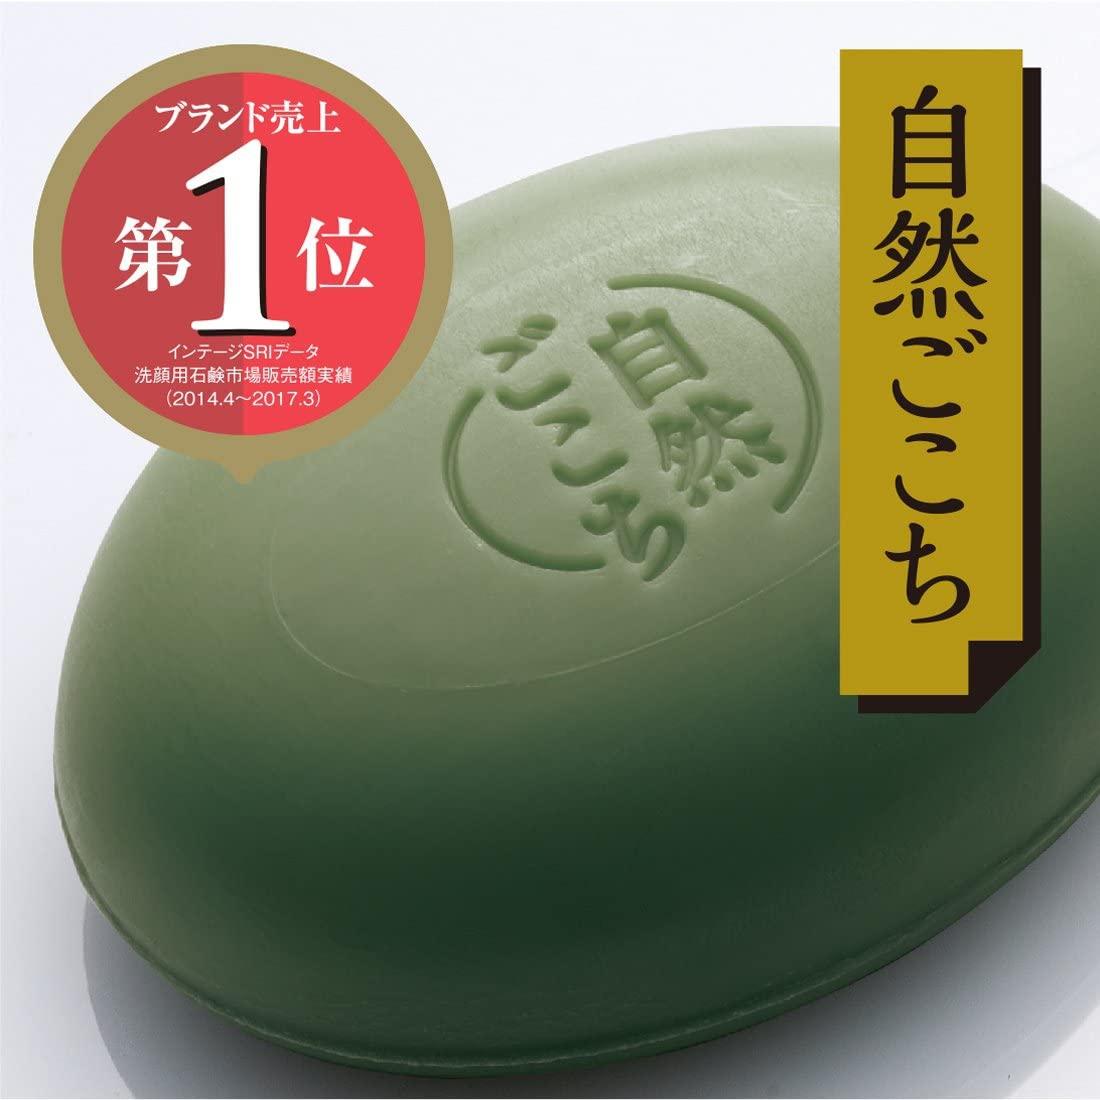 自然ごこち(シゼンゴコチ) 茶 洗顔石けんの商品画像7